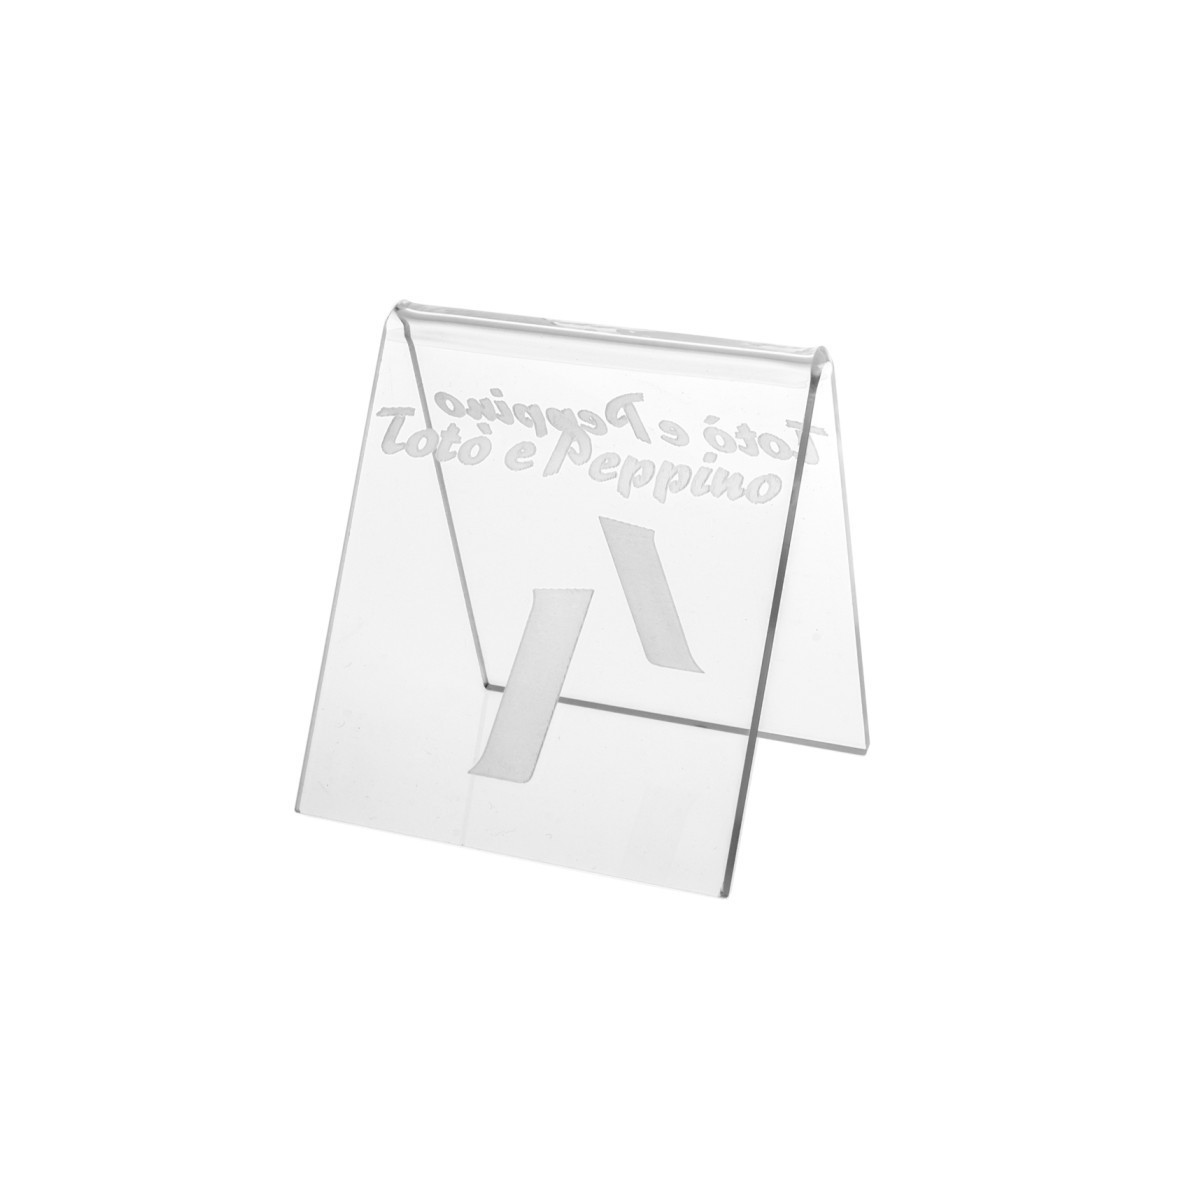 E-041 NT-A - Segnaposti in plexiglass trasparente - Misure: 8 x 8 x H8 incisione piena